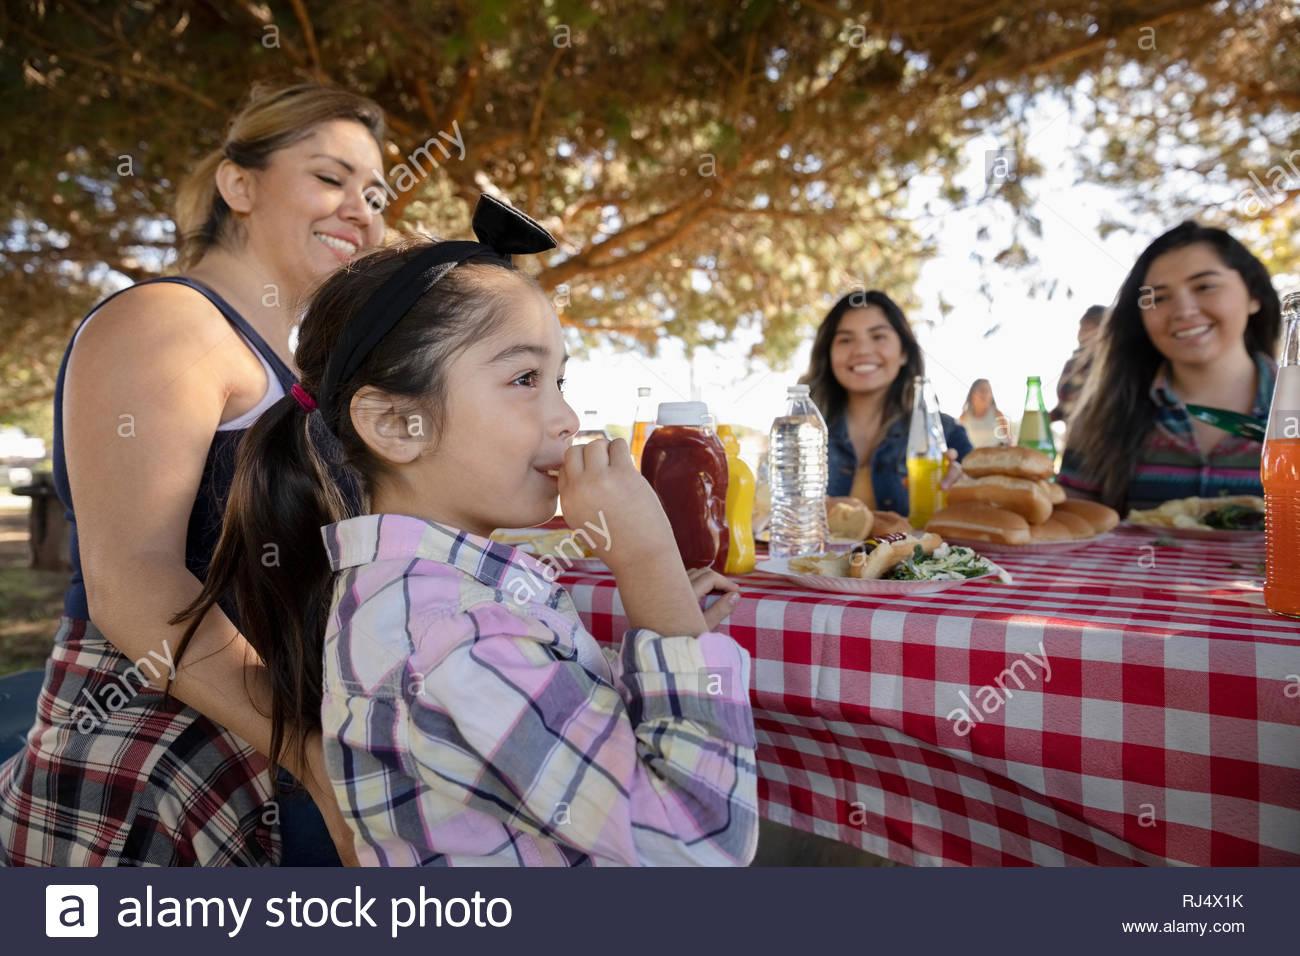 Famiglia godendo pranzo picnic nel parco Immagini Stock